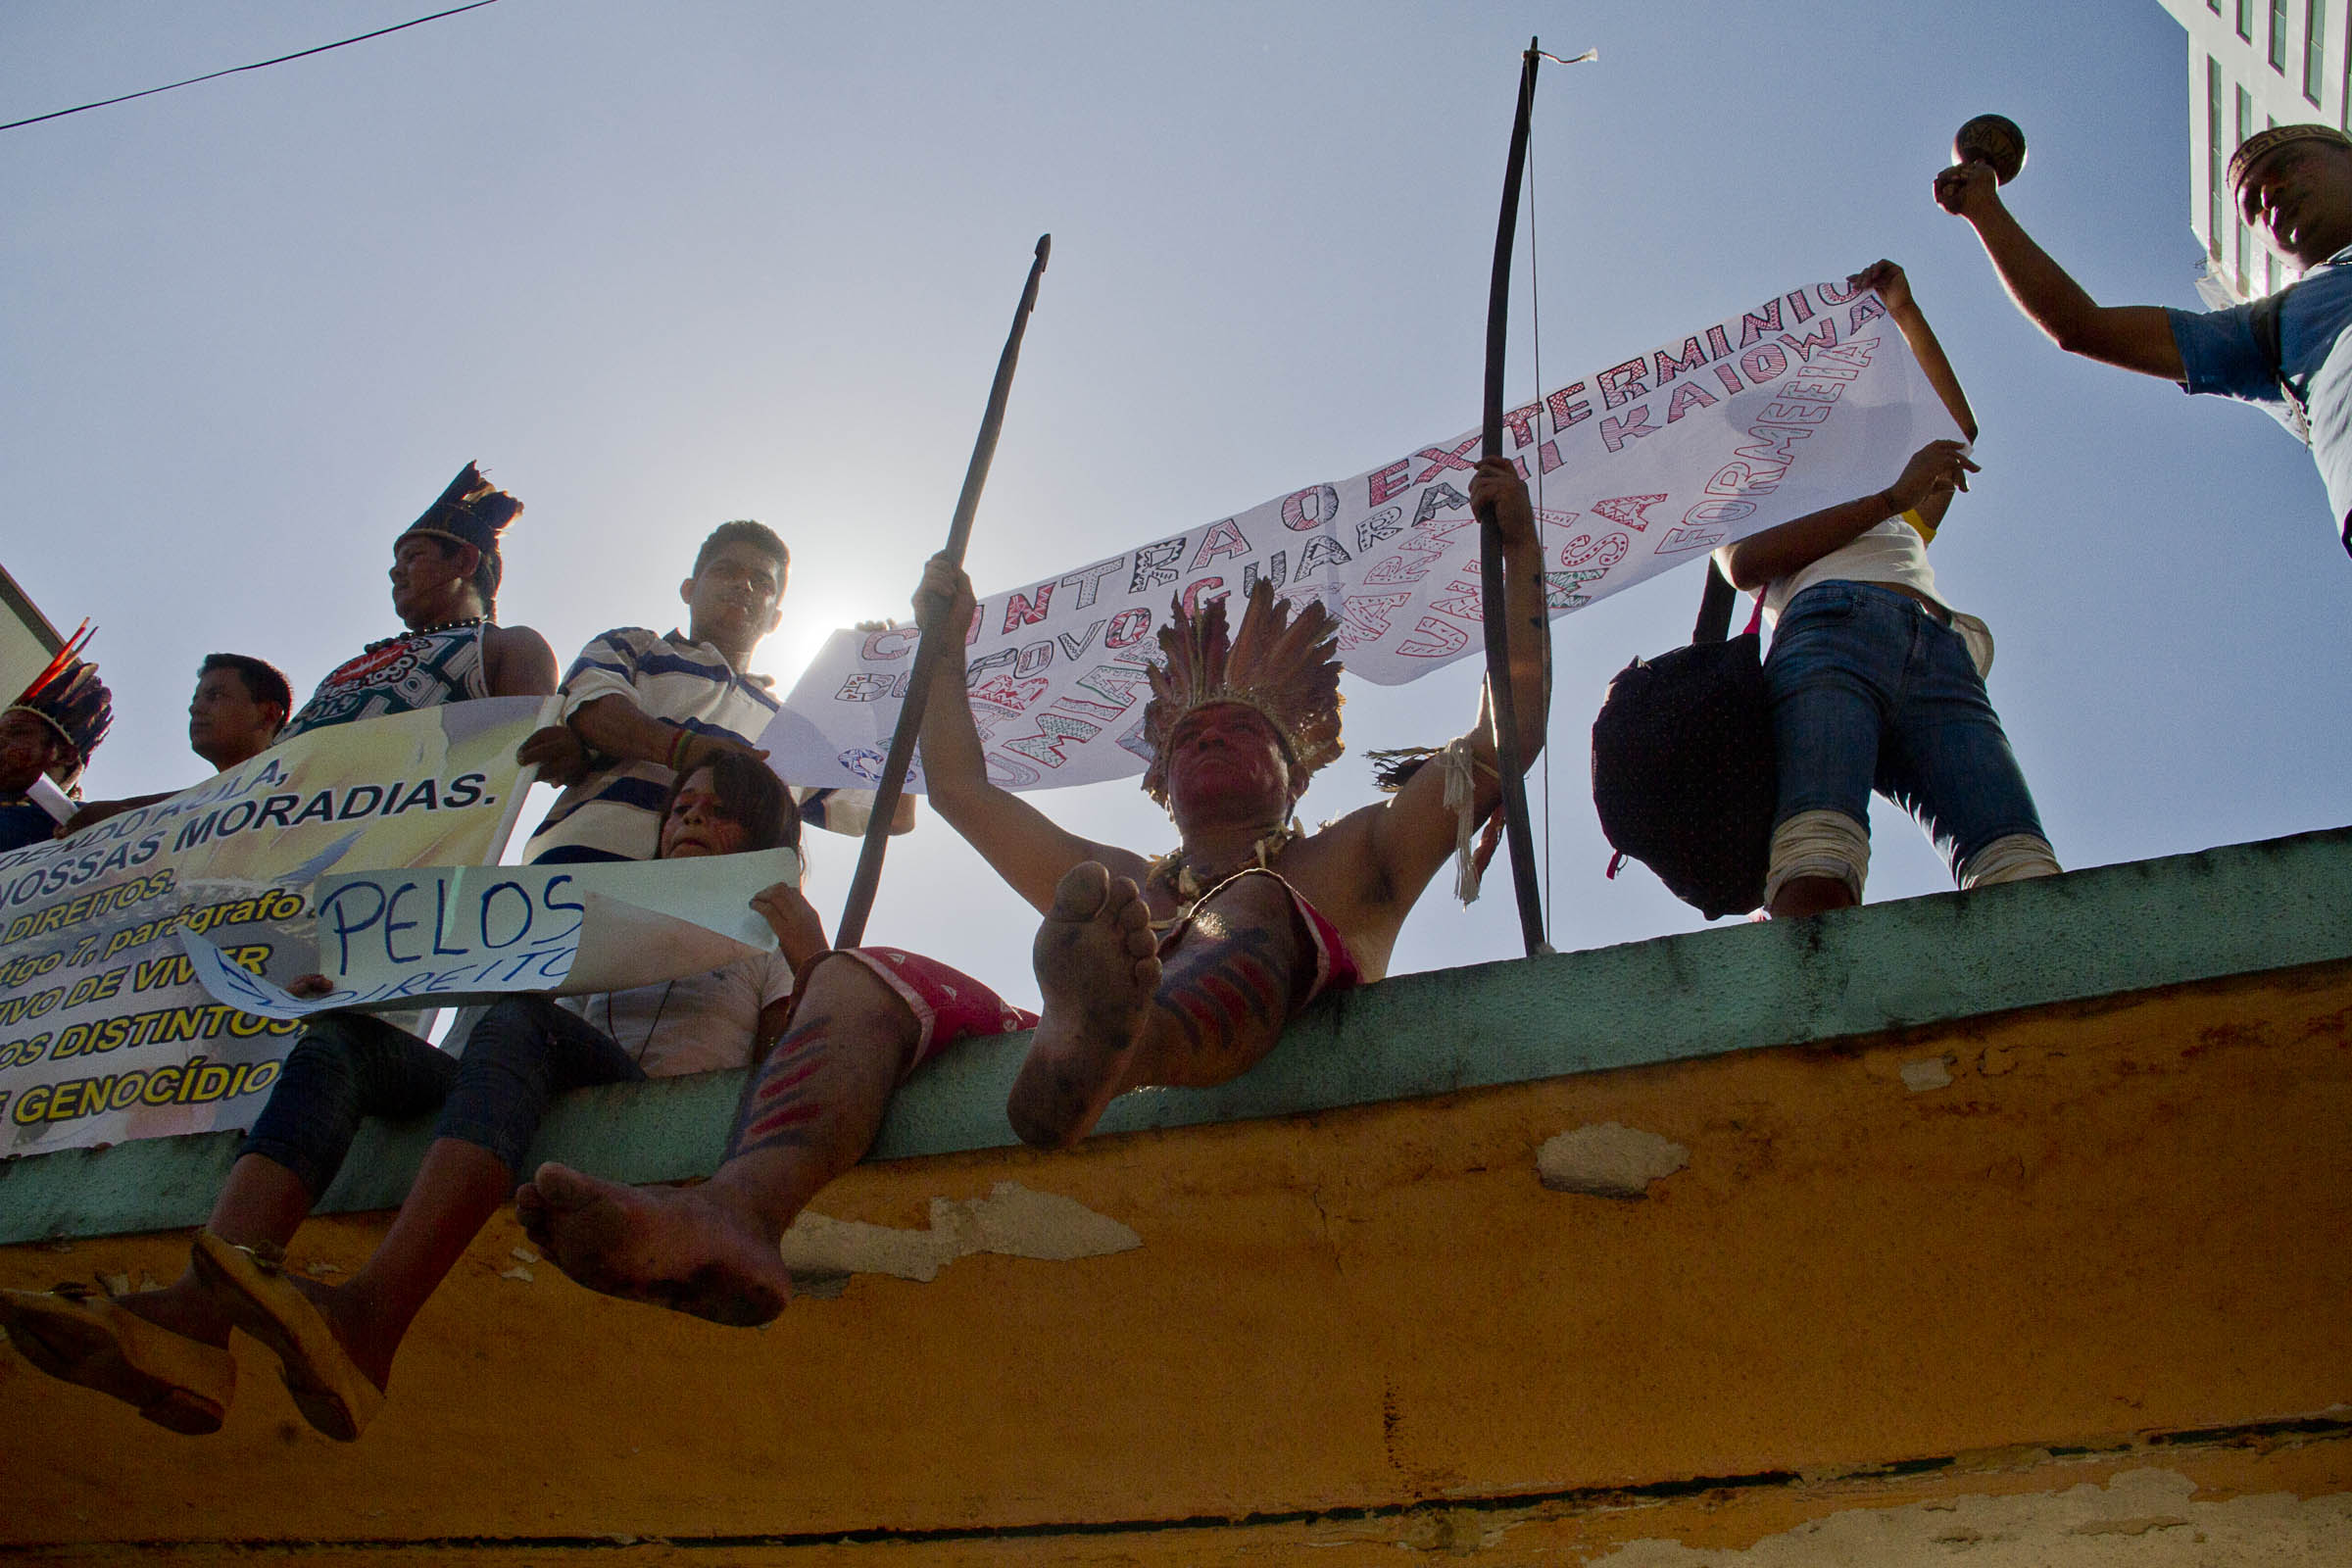 Foto: Alberto César Araújo/Amazônia Real